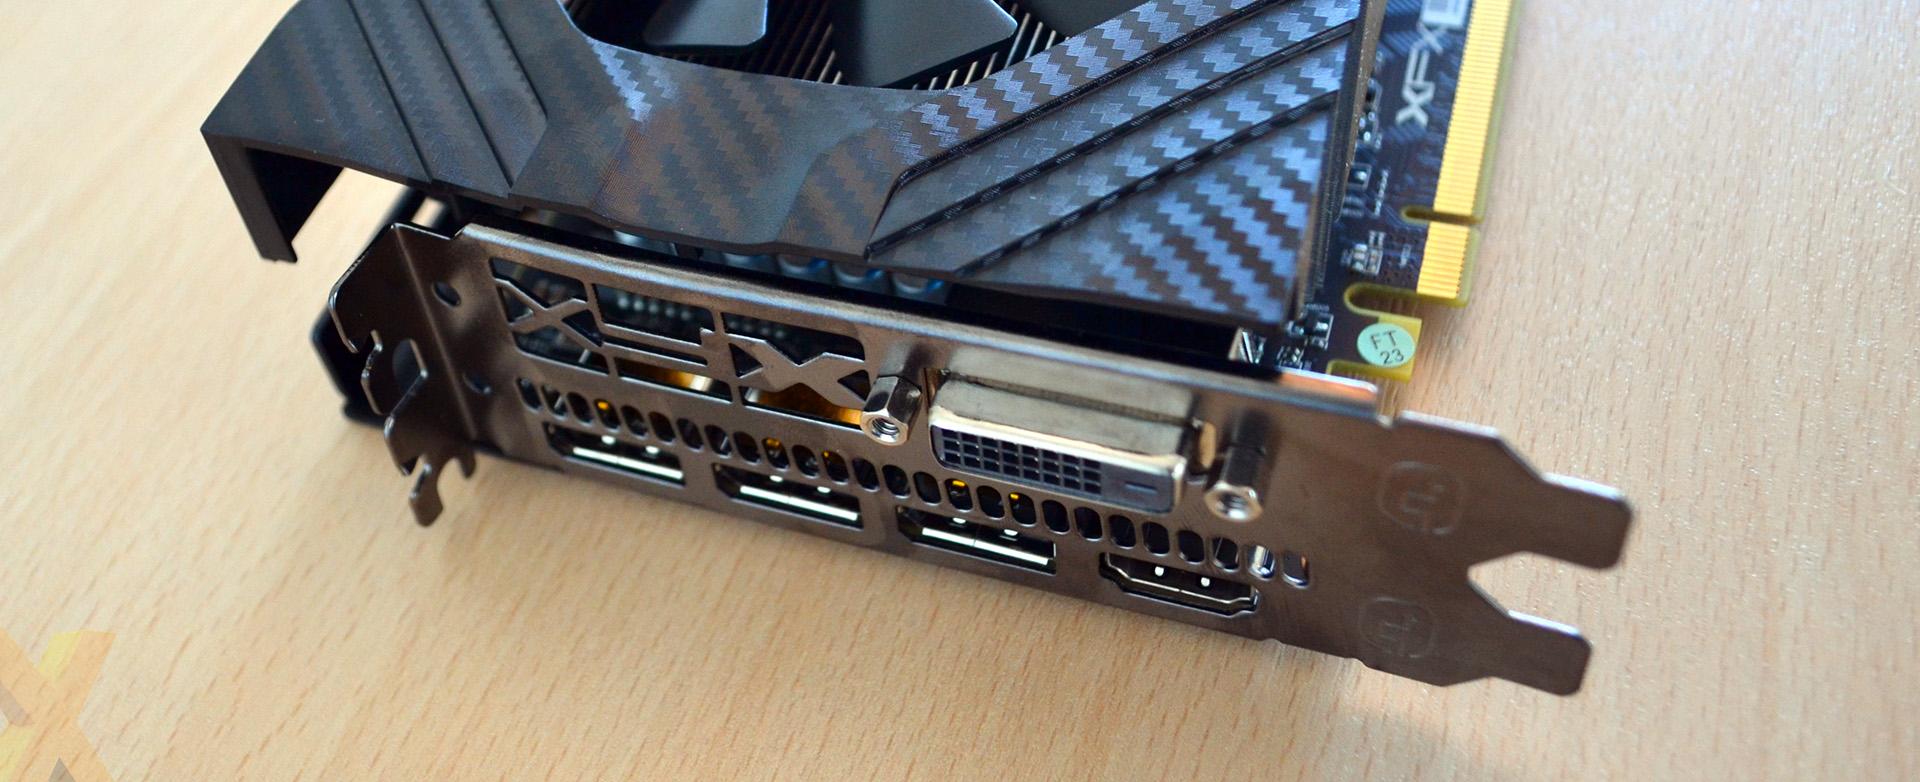 Review: AMD Radeon RX 590 - Graphics - HEXUS net